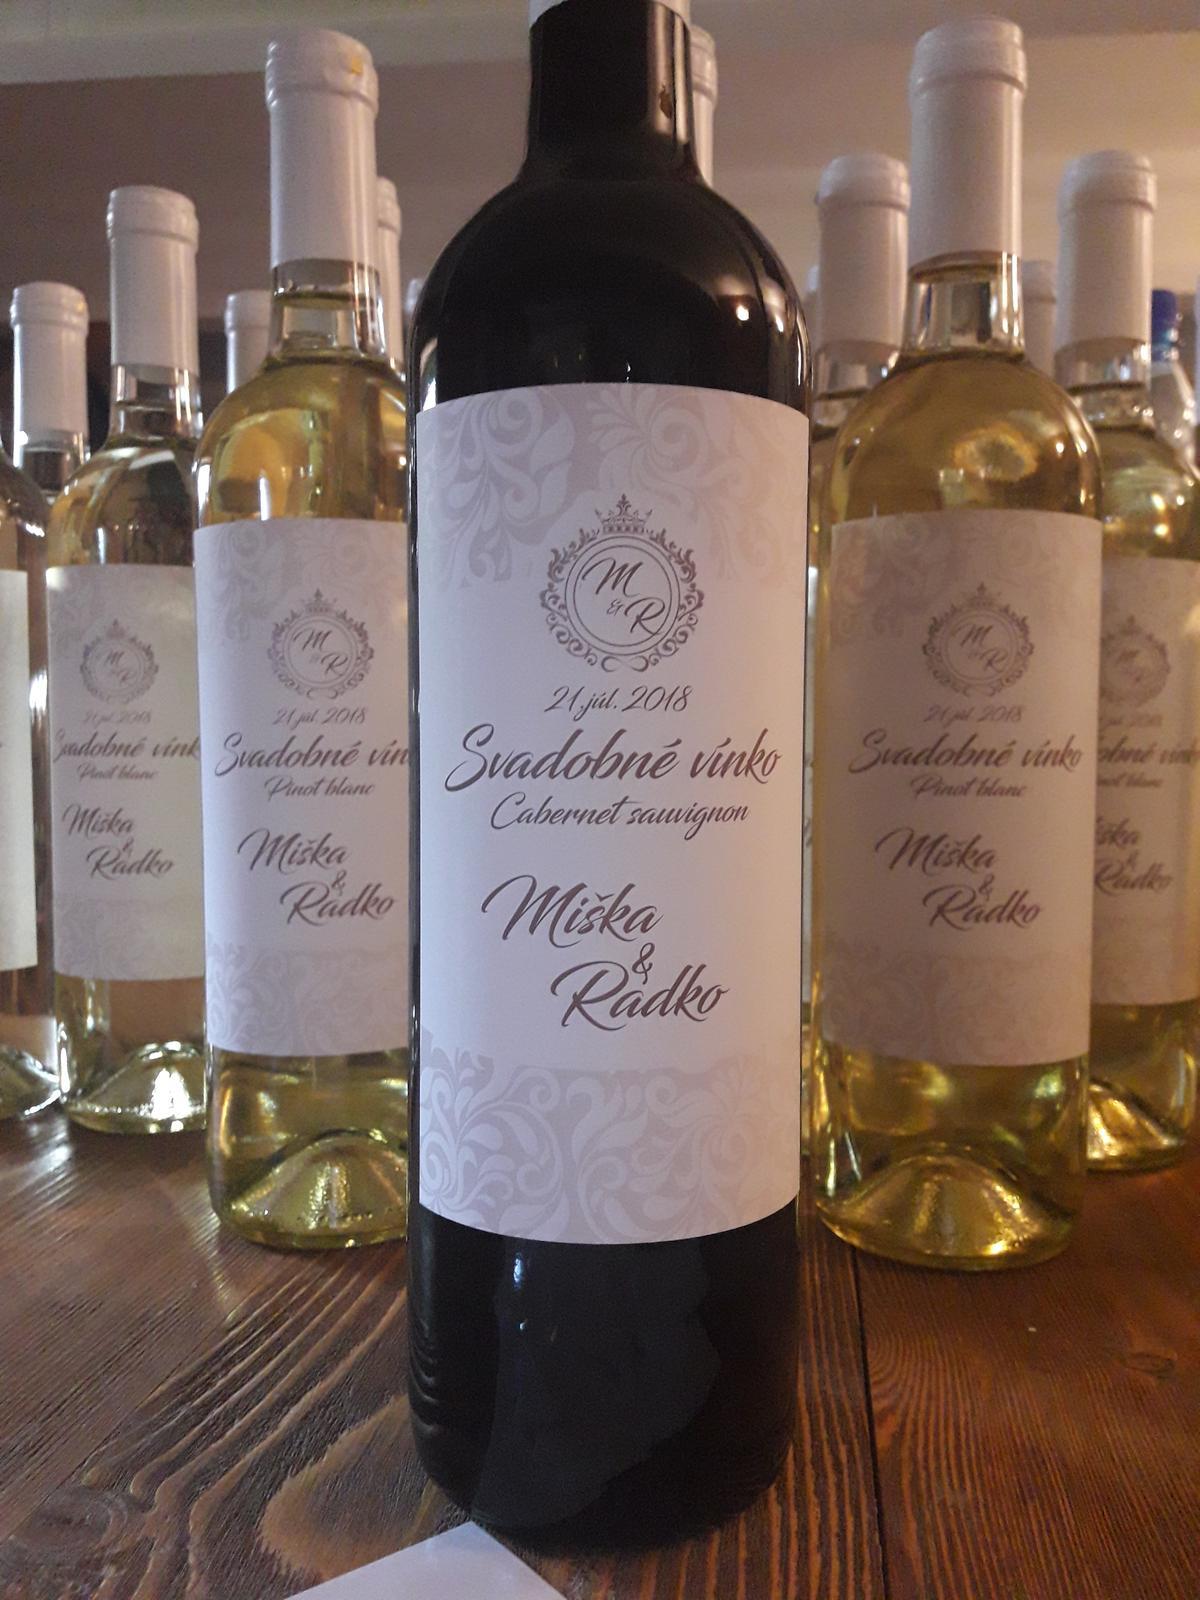 vinomaravilla - Svadobné víno s luxusnou etiketou s vlastným logom mladomanželov.